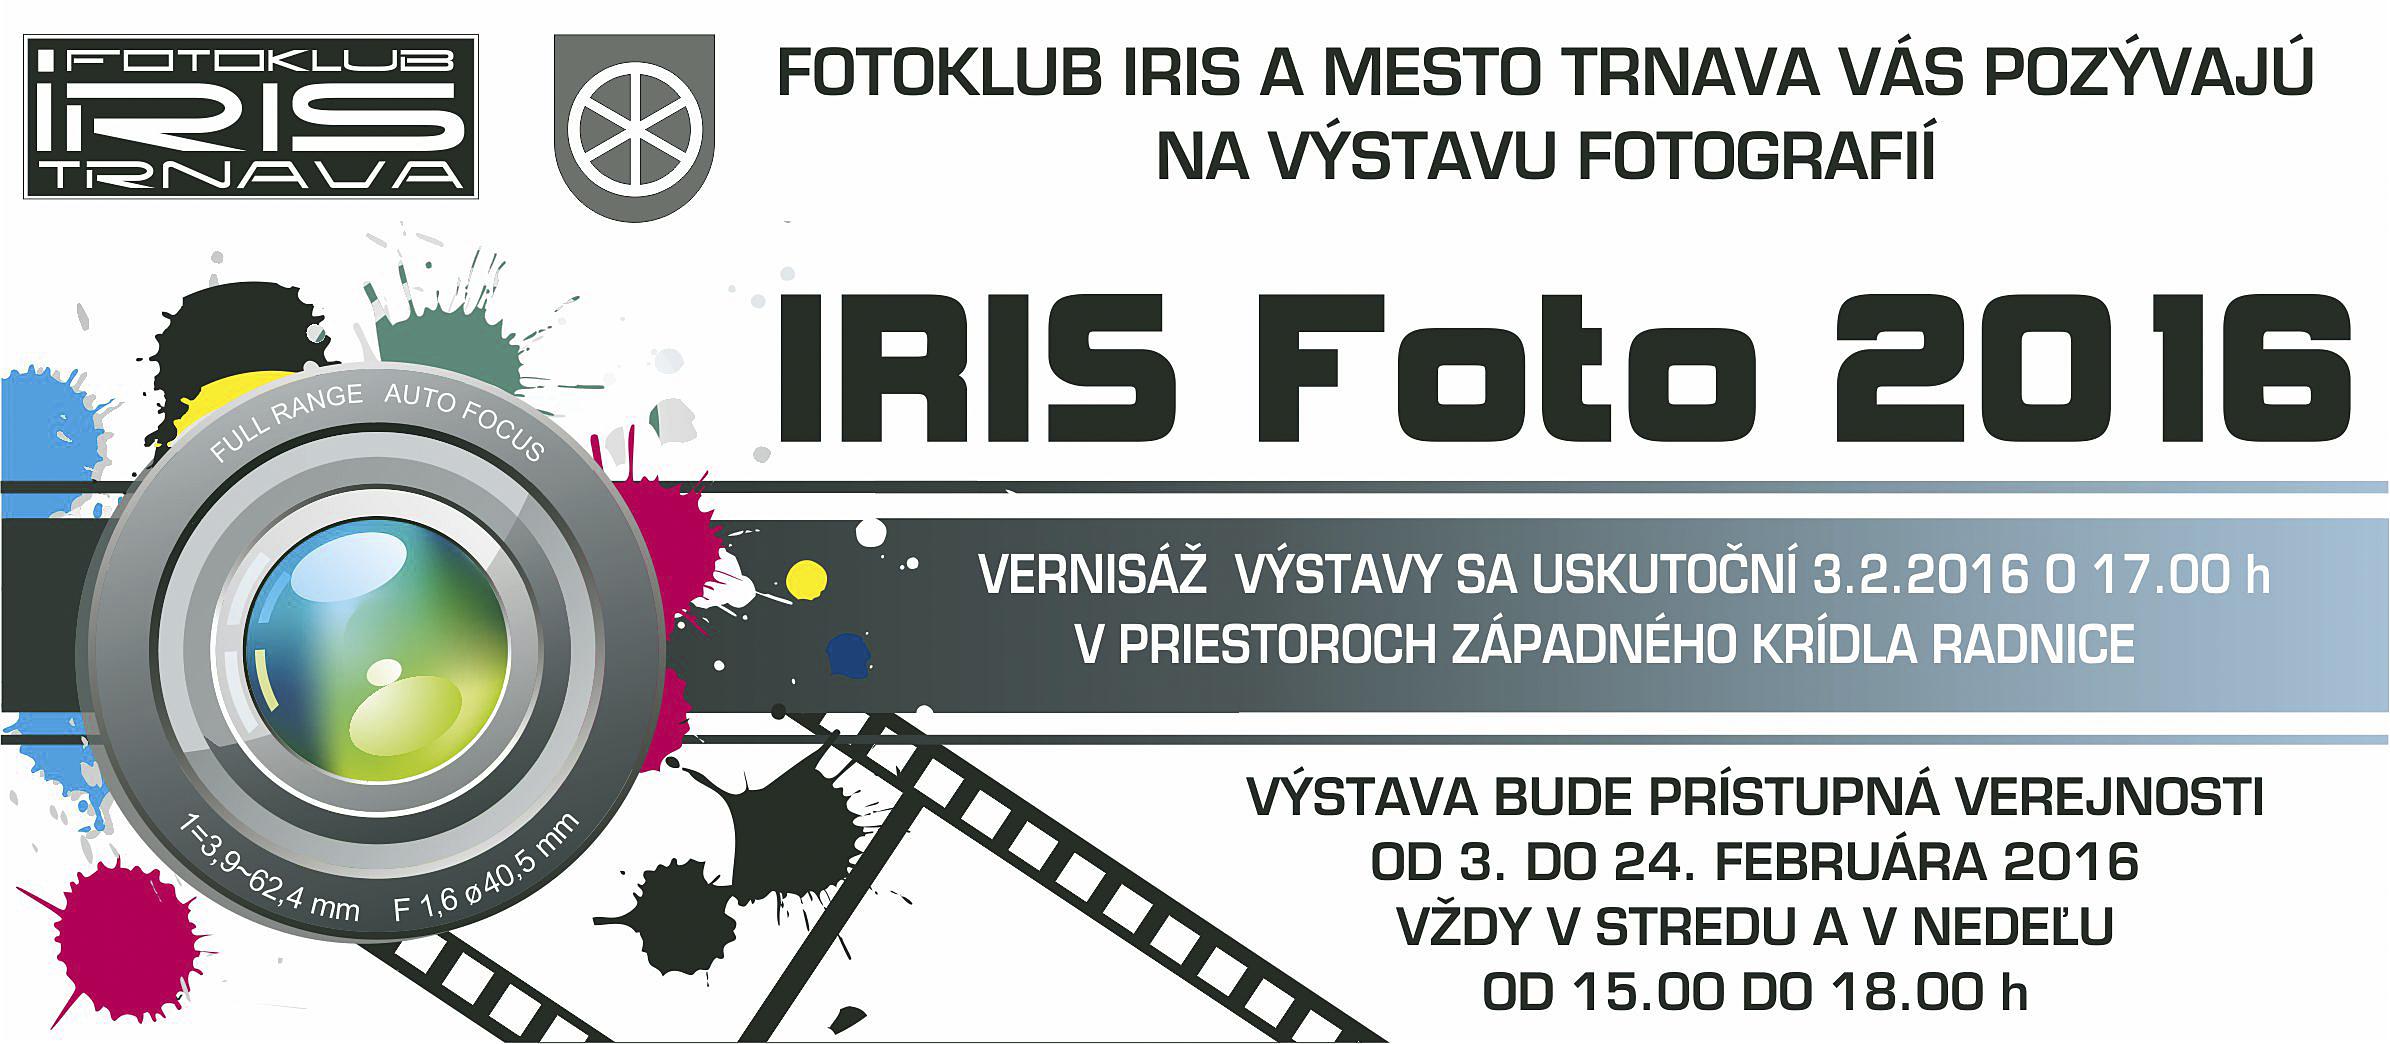 PozvankaIris2016